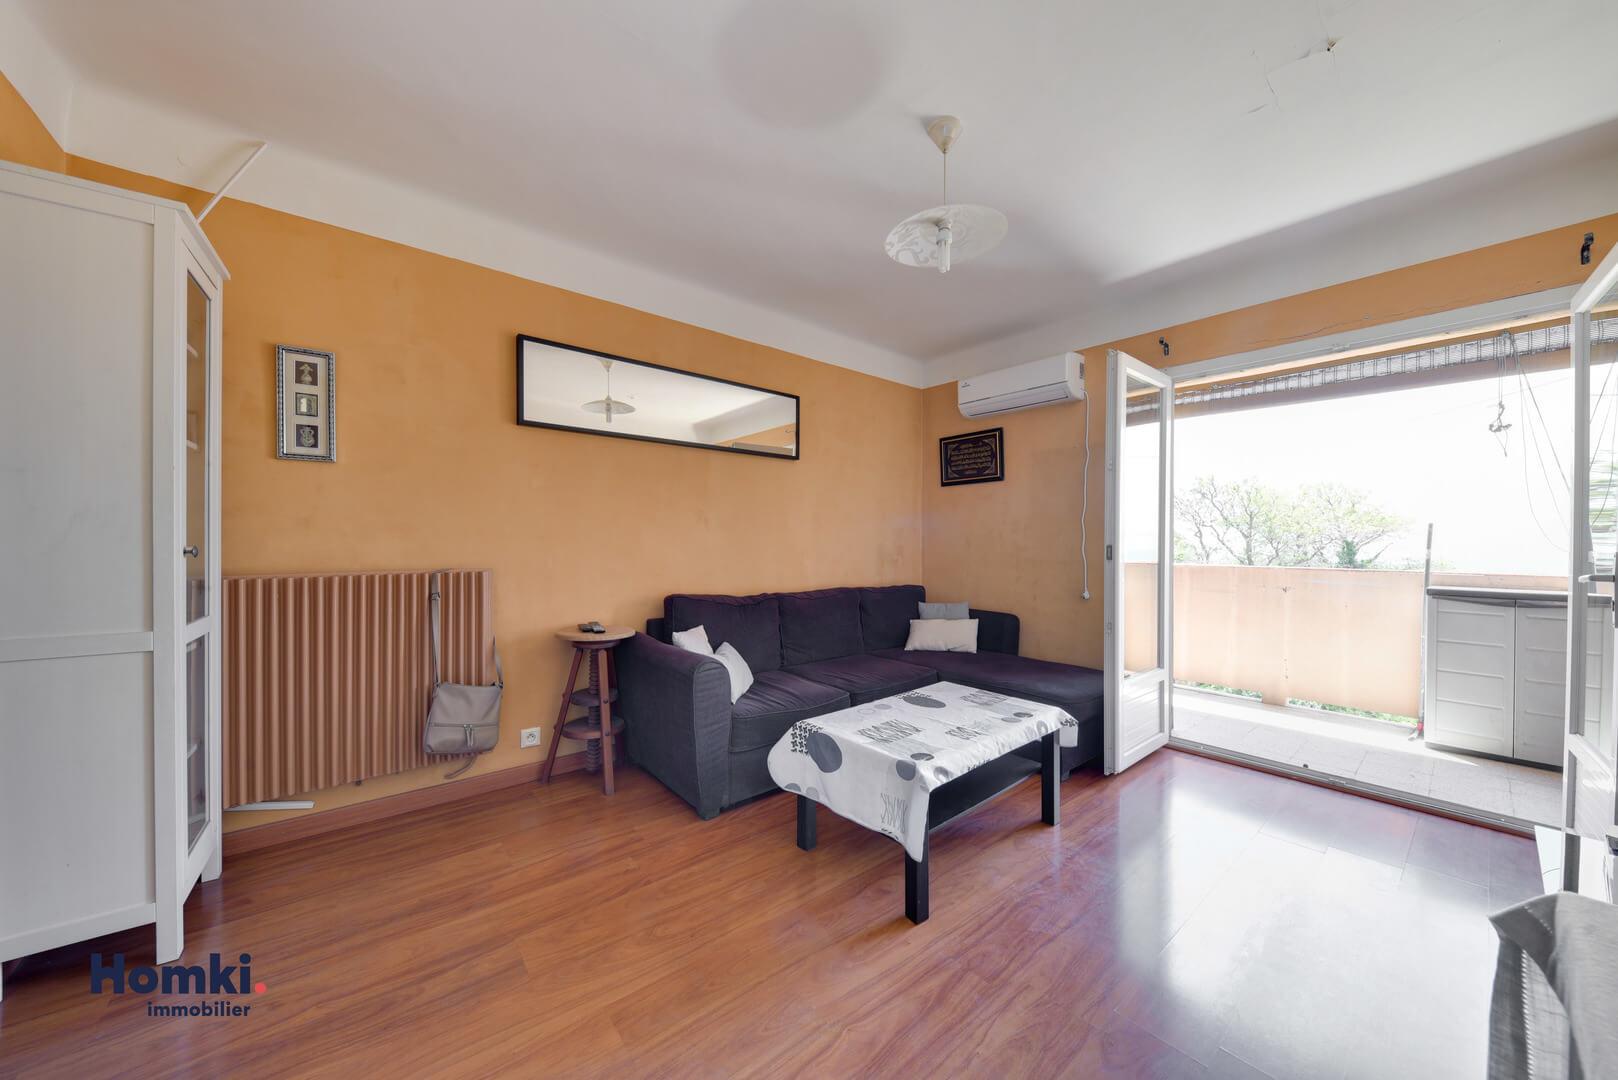 Vente Appartement 54 m² T3 13015_10